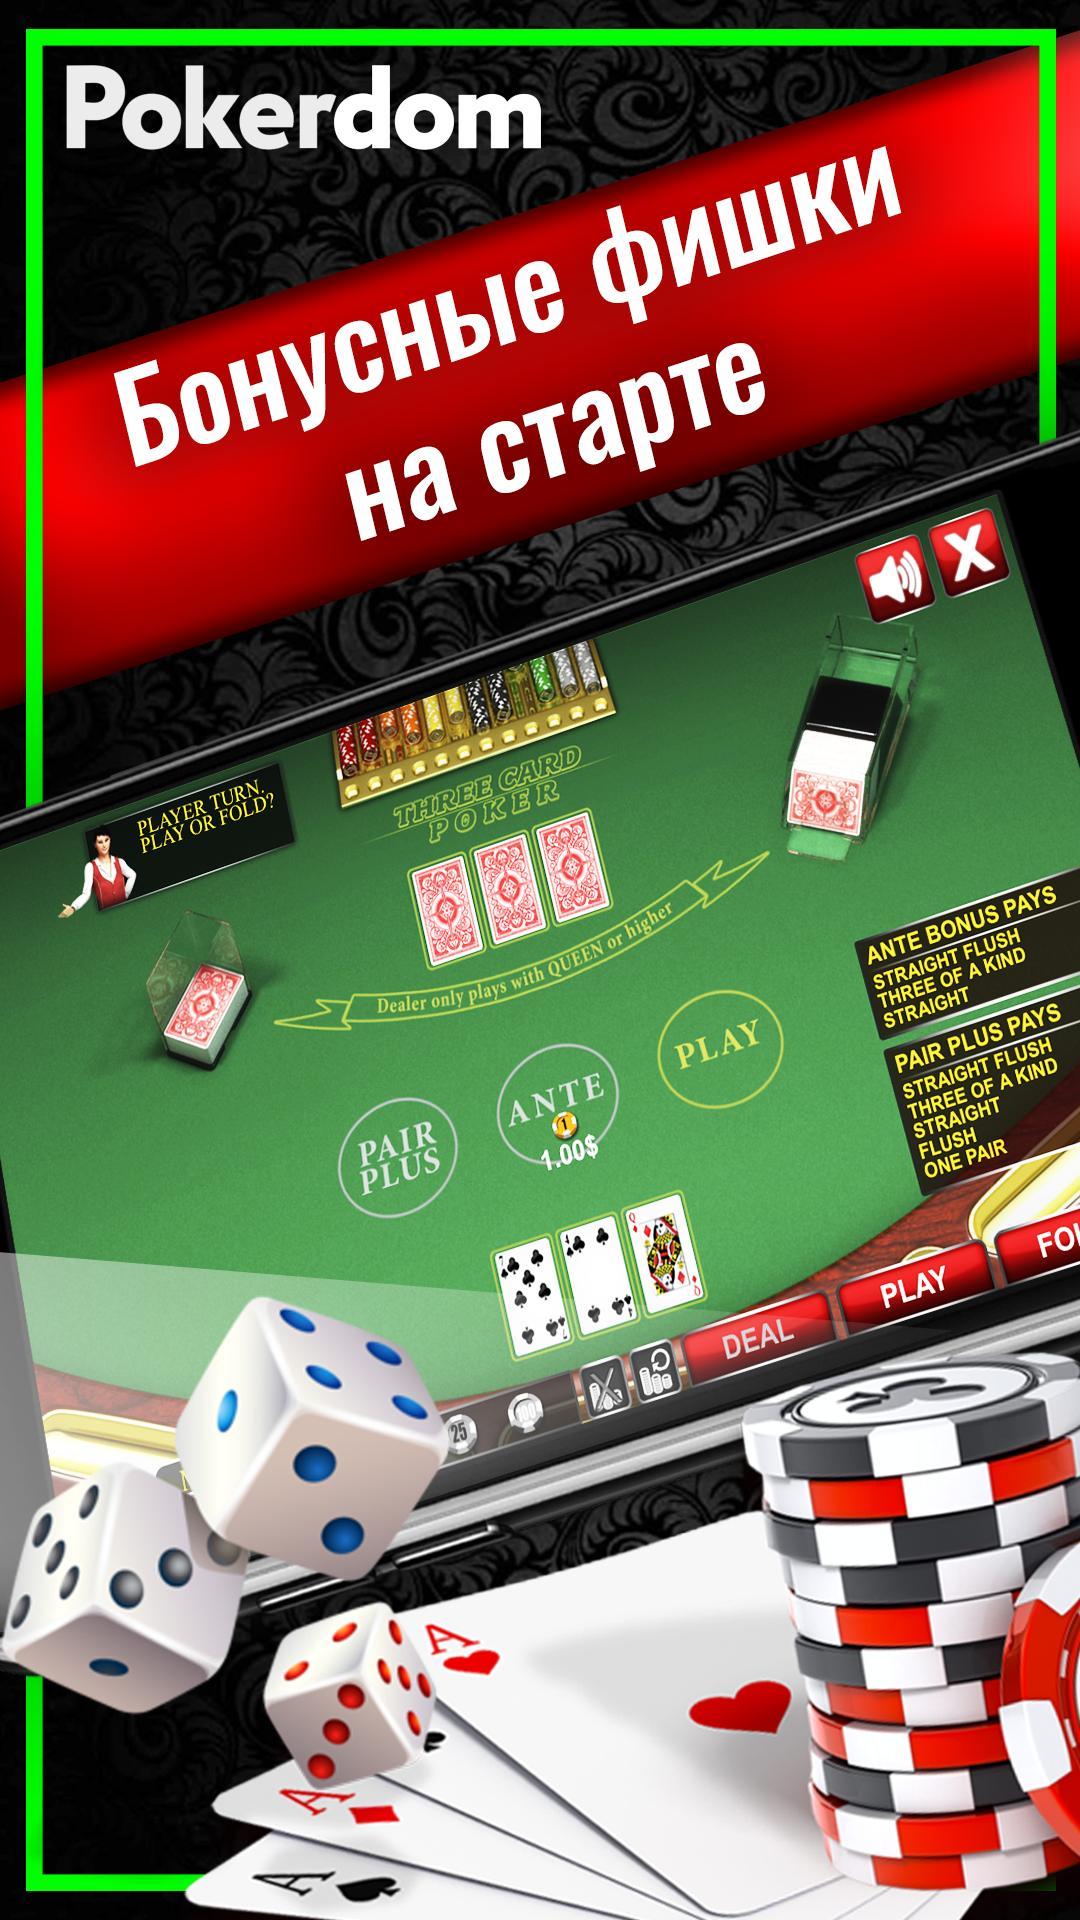 Покер дом играть онлайн an i казино рулетка с бездепозитным бонусом